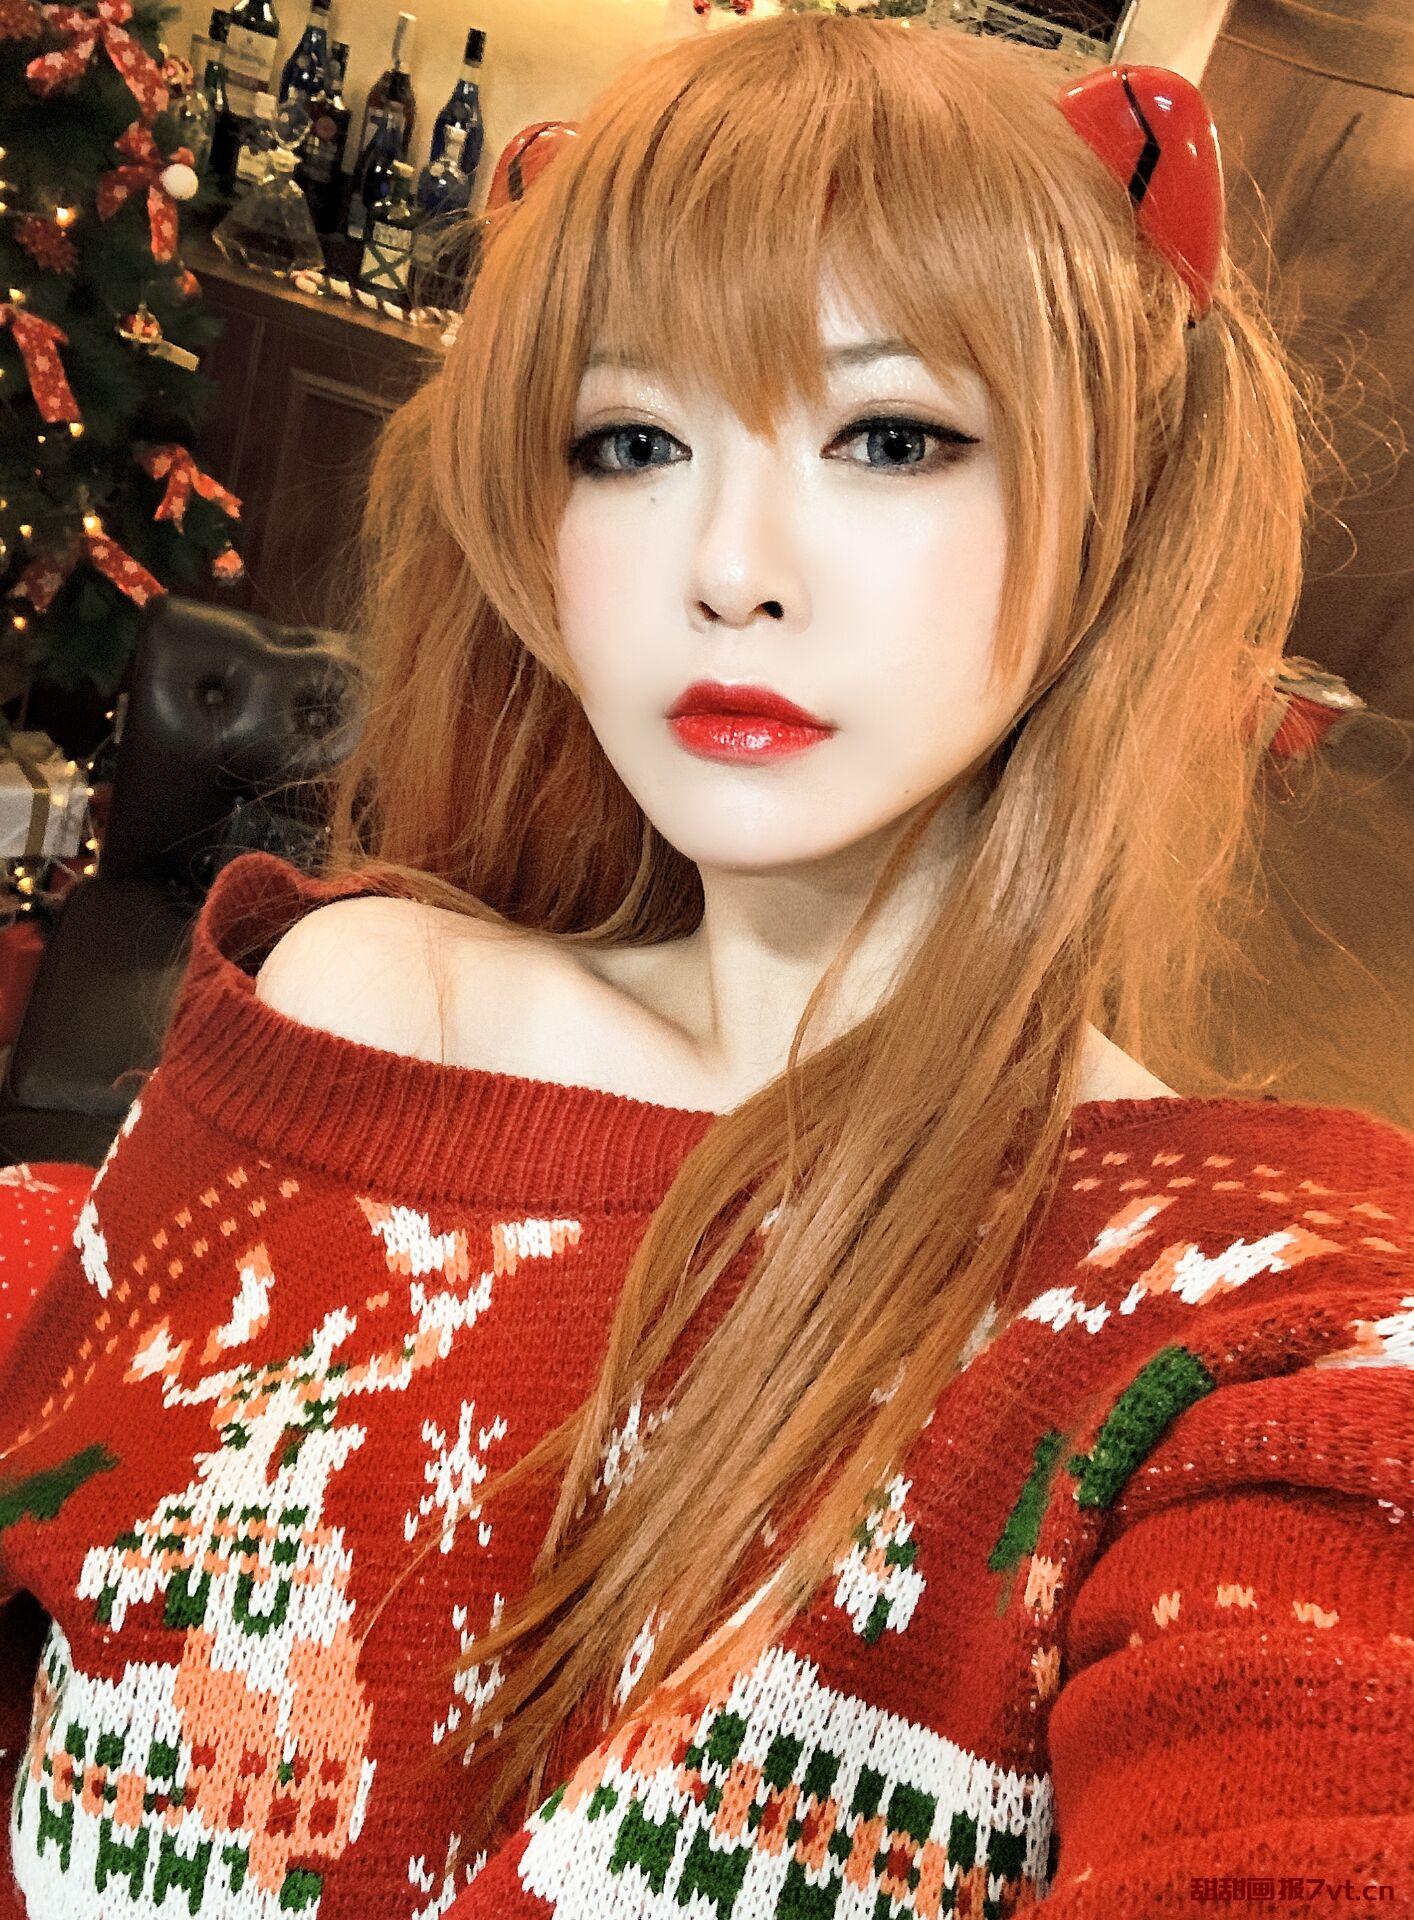 「半半子」式波・ー ASUKA Christmas(41P/153MB)